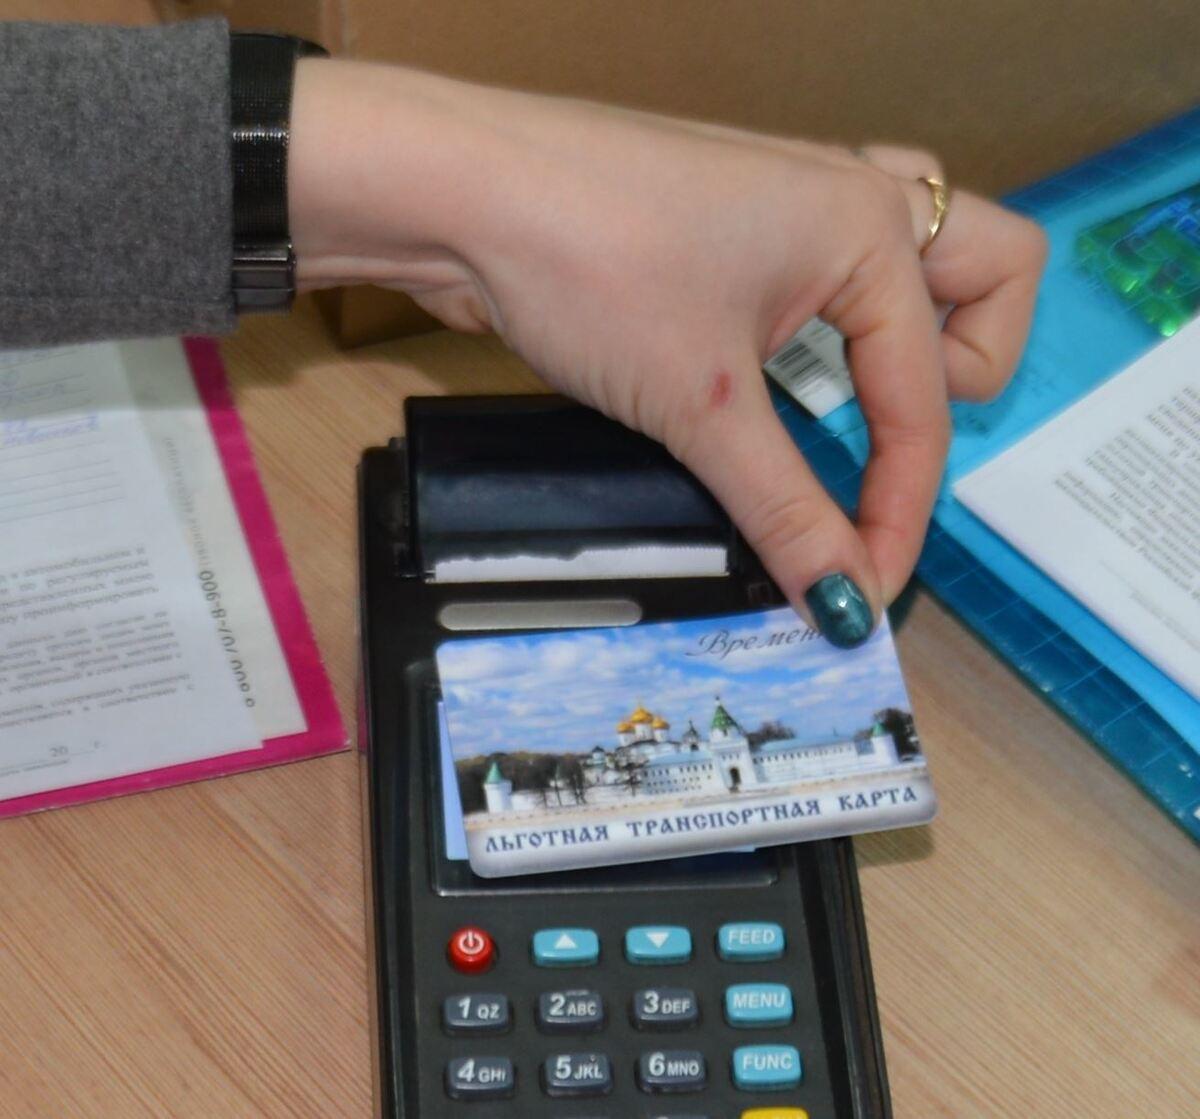 В Костроме начинается замена временных транспортных карт на постоянные